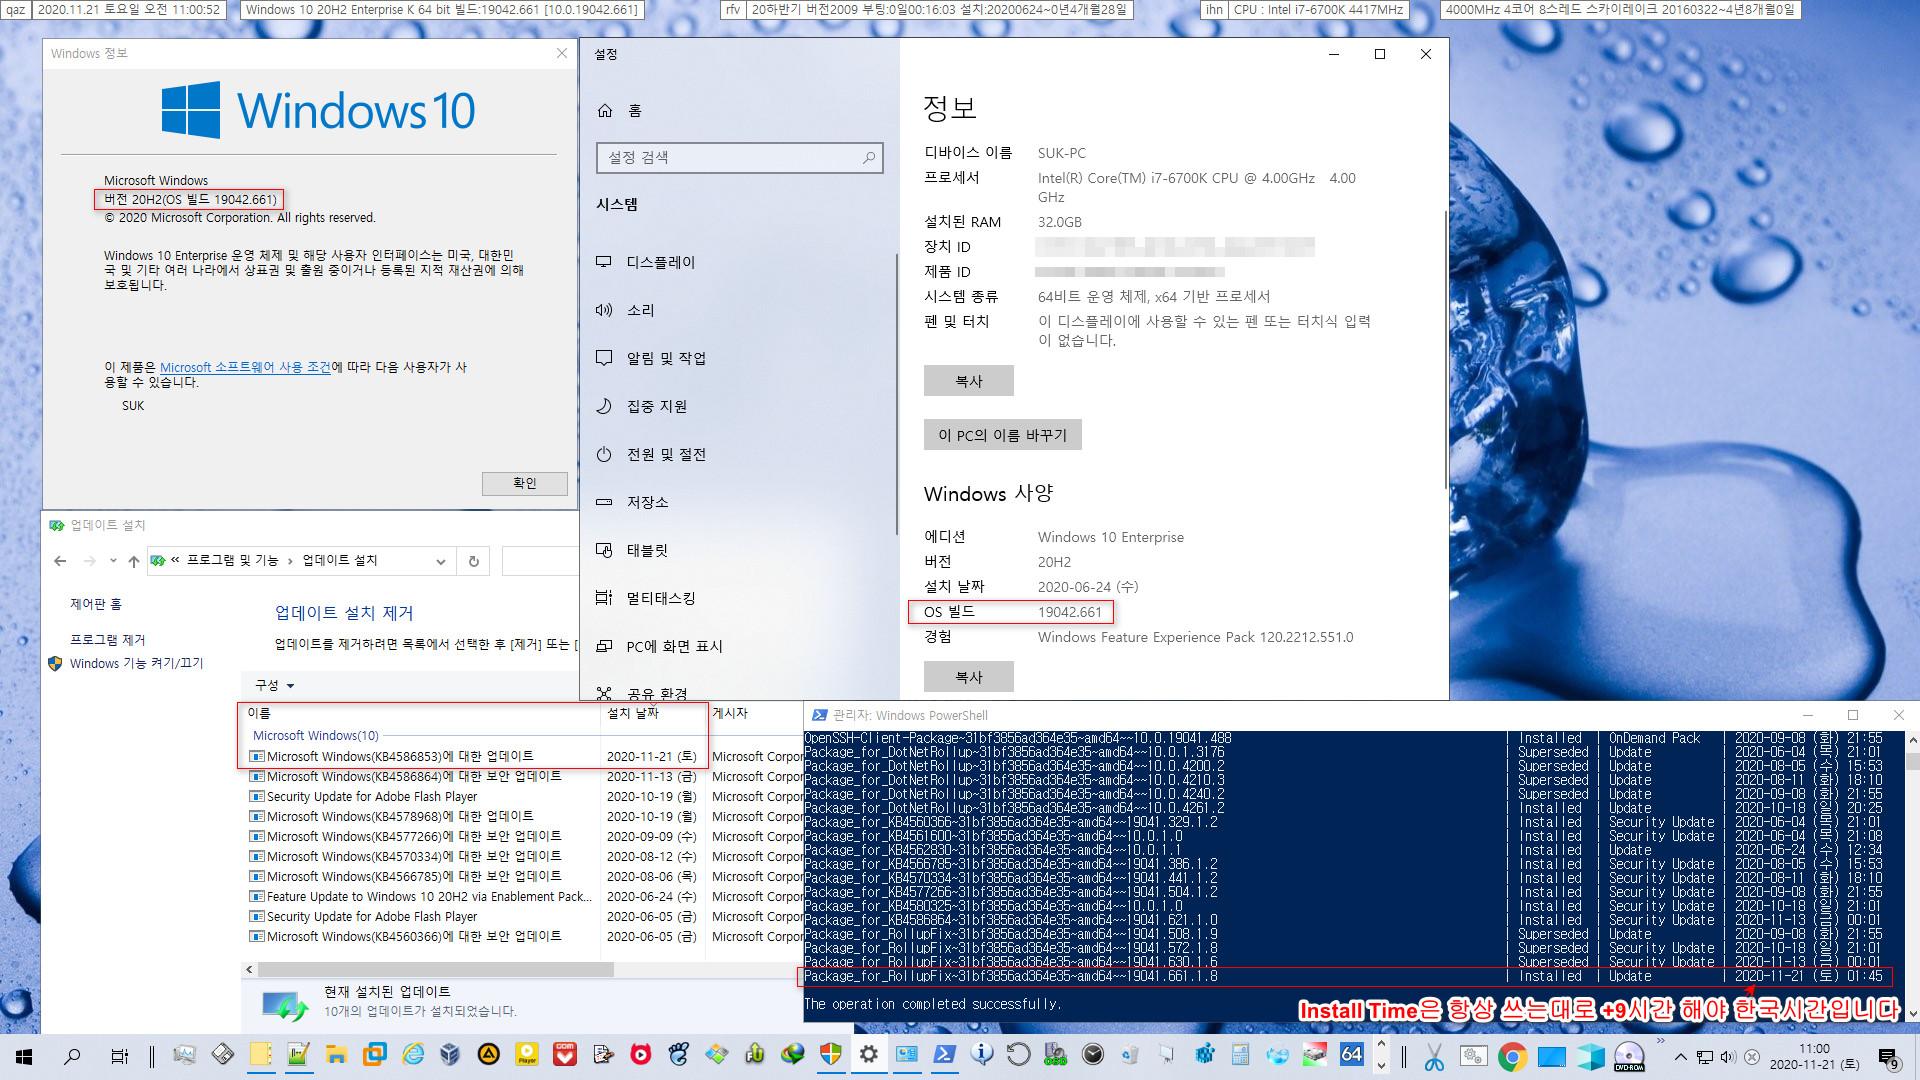 2020-11-21 토요일 Windows 10 버전 20H2 누적 업데이트 KB4586853 (OS 빌드 19042.661) [2020-11-14일자 선택적 프리뷰 유출 업데이트]를 실컴에 설치 - 재부팅까지 성공 - 업데이트 설치 확인 2020-11-21_110052.jpg